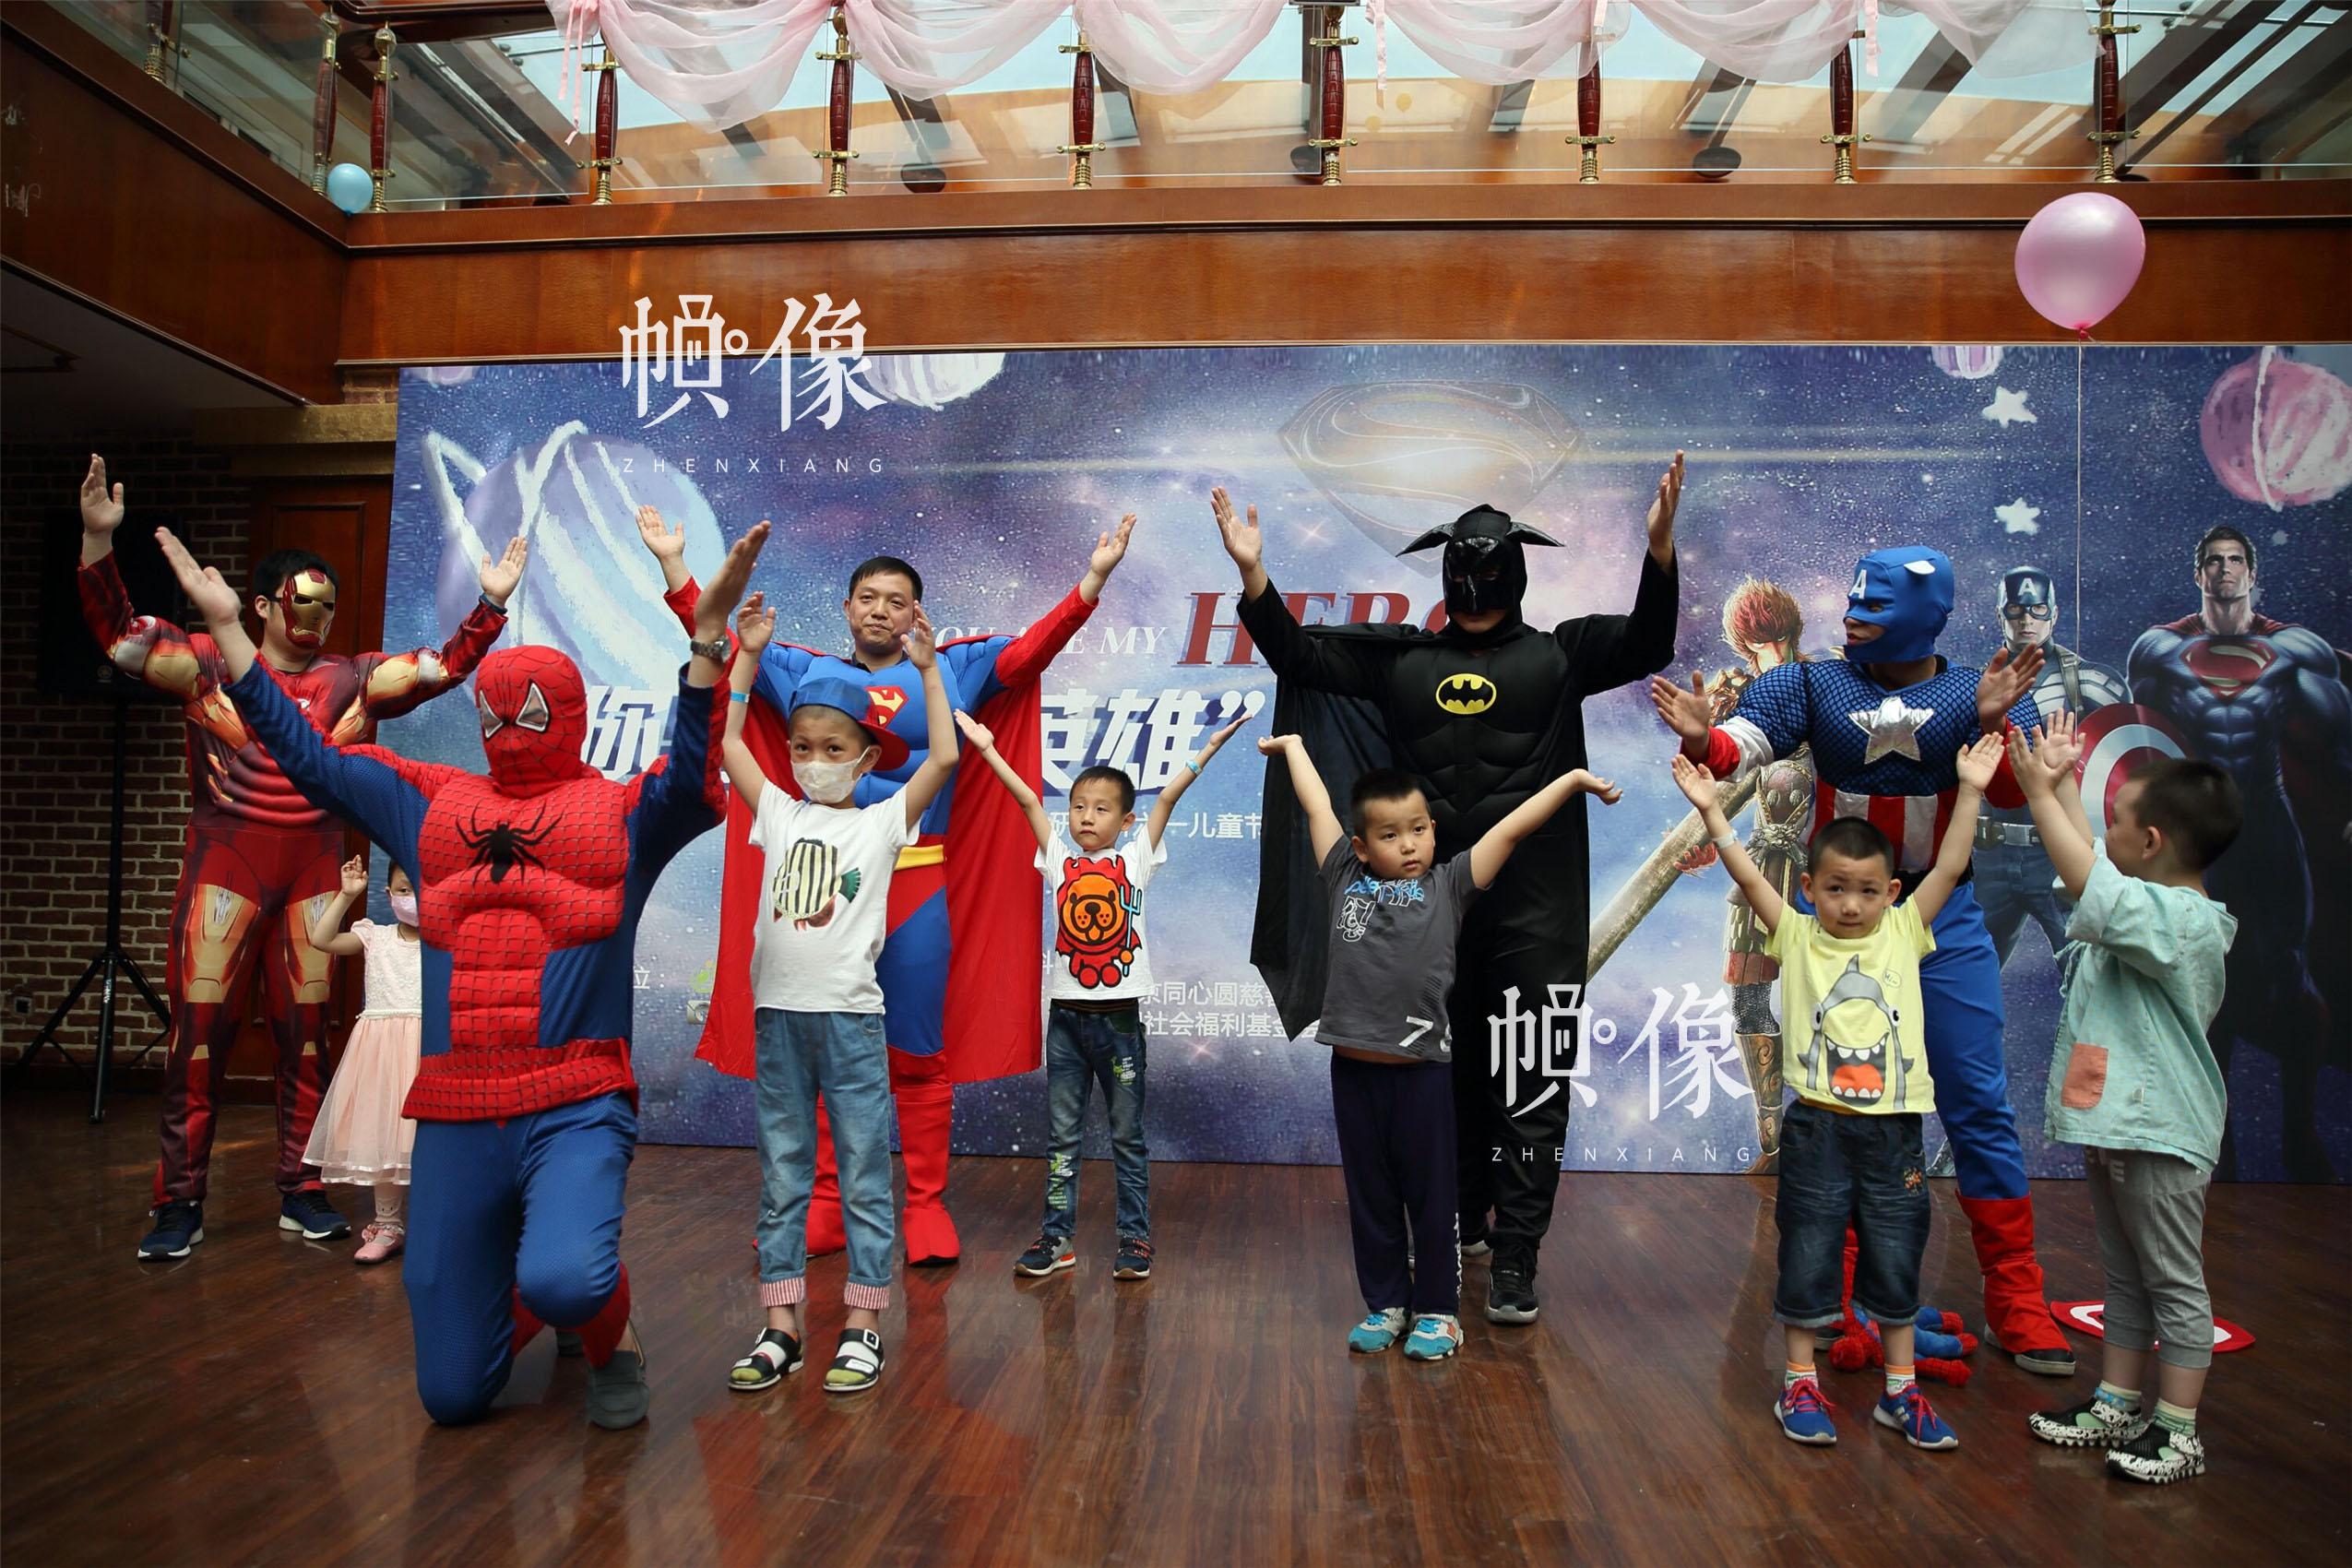 """2017年5月26日,北京首都儿科研究所,男护士季长绪扮演的""""蜘蛛侠""""和众""""动漫英雄""""与医院住院患儿一起演出。天佑因治疗难受,没法到活动现场,这让准备给天佑一个惊喜的季长绪感到很遗憾。中国网记者 陈维松 摄"""